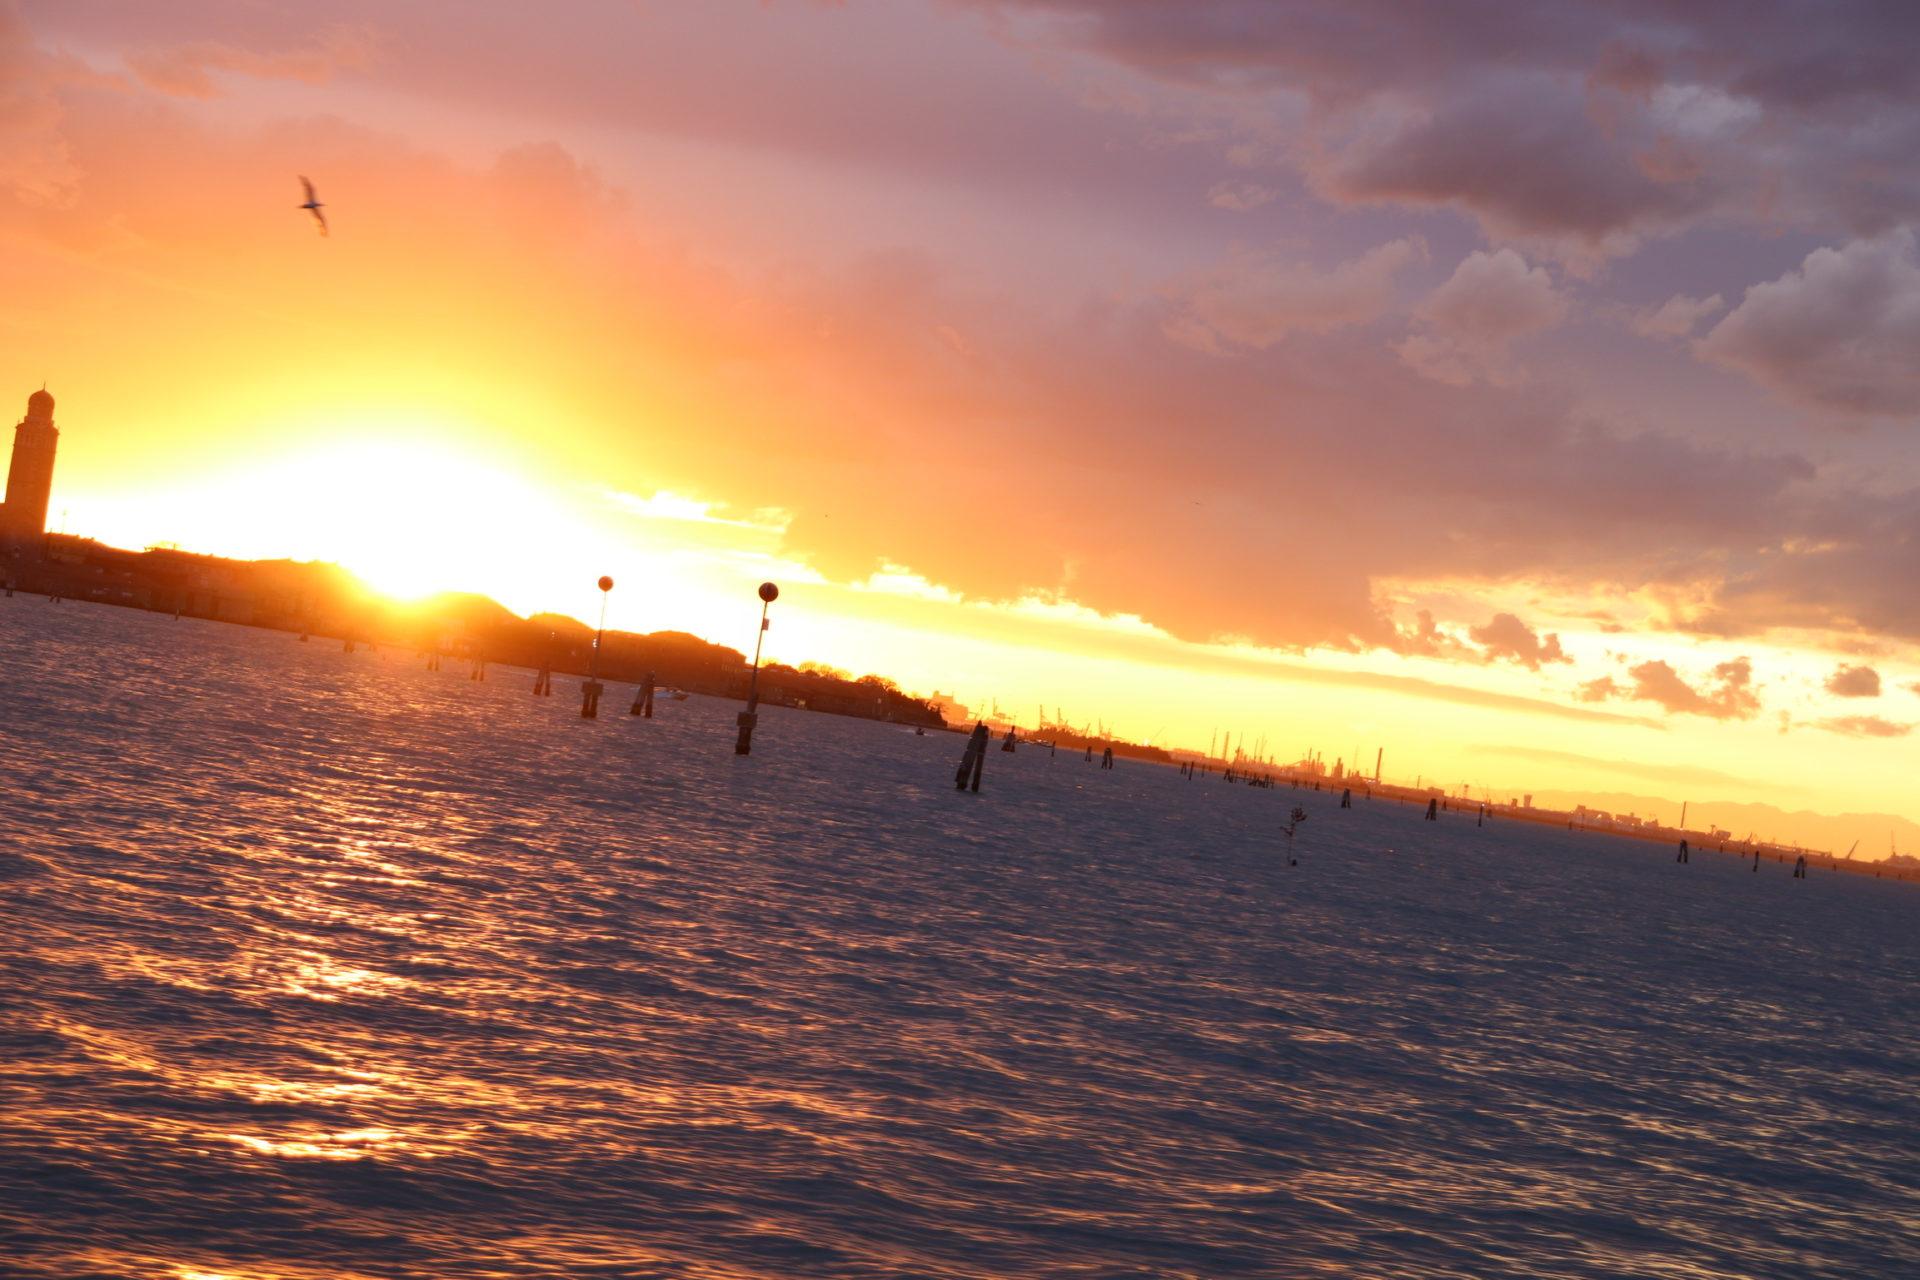 水に浮かぶ世界遺産!ひとりで世界旅行(ヴェネツィアの旅記 in 🇮🇹 )ー2/2編